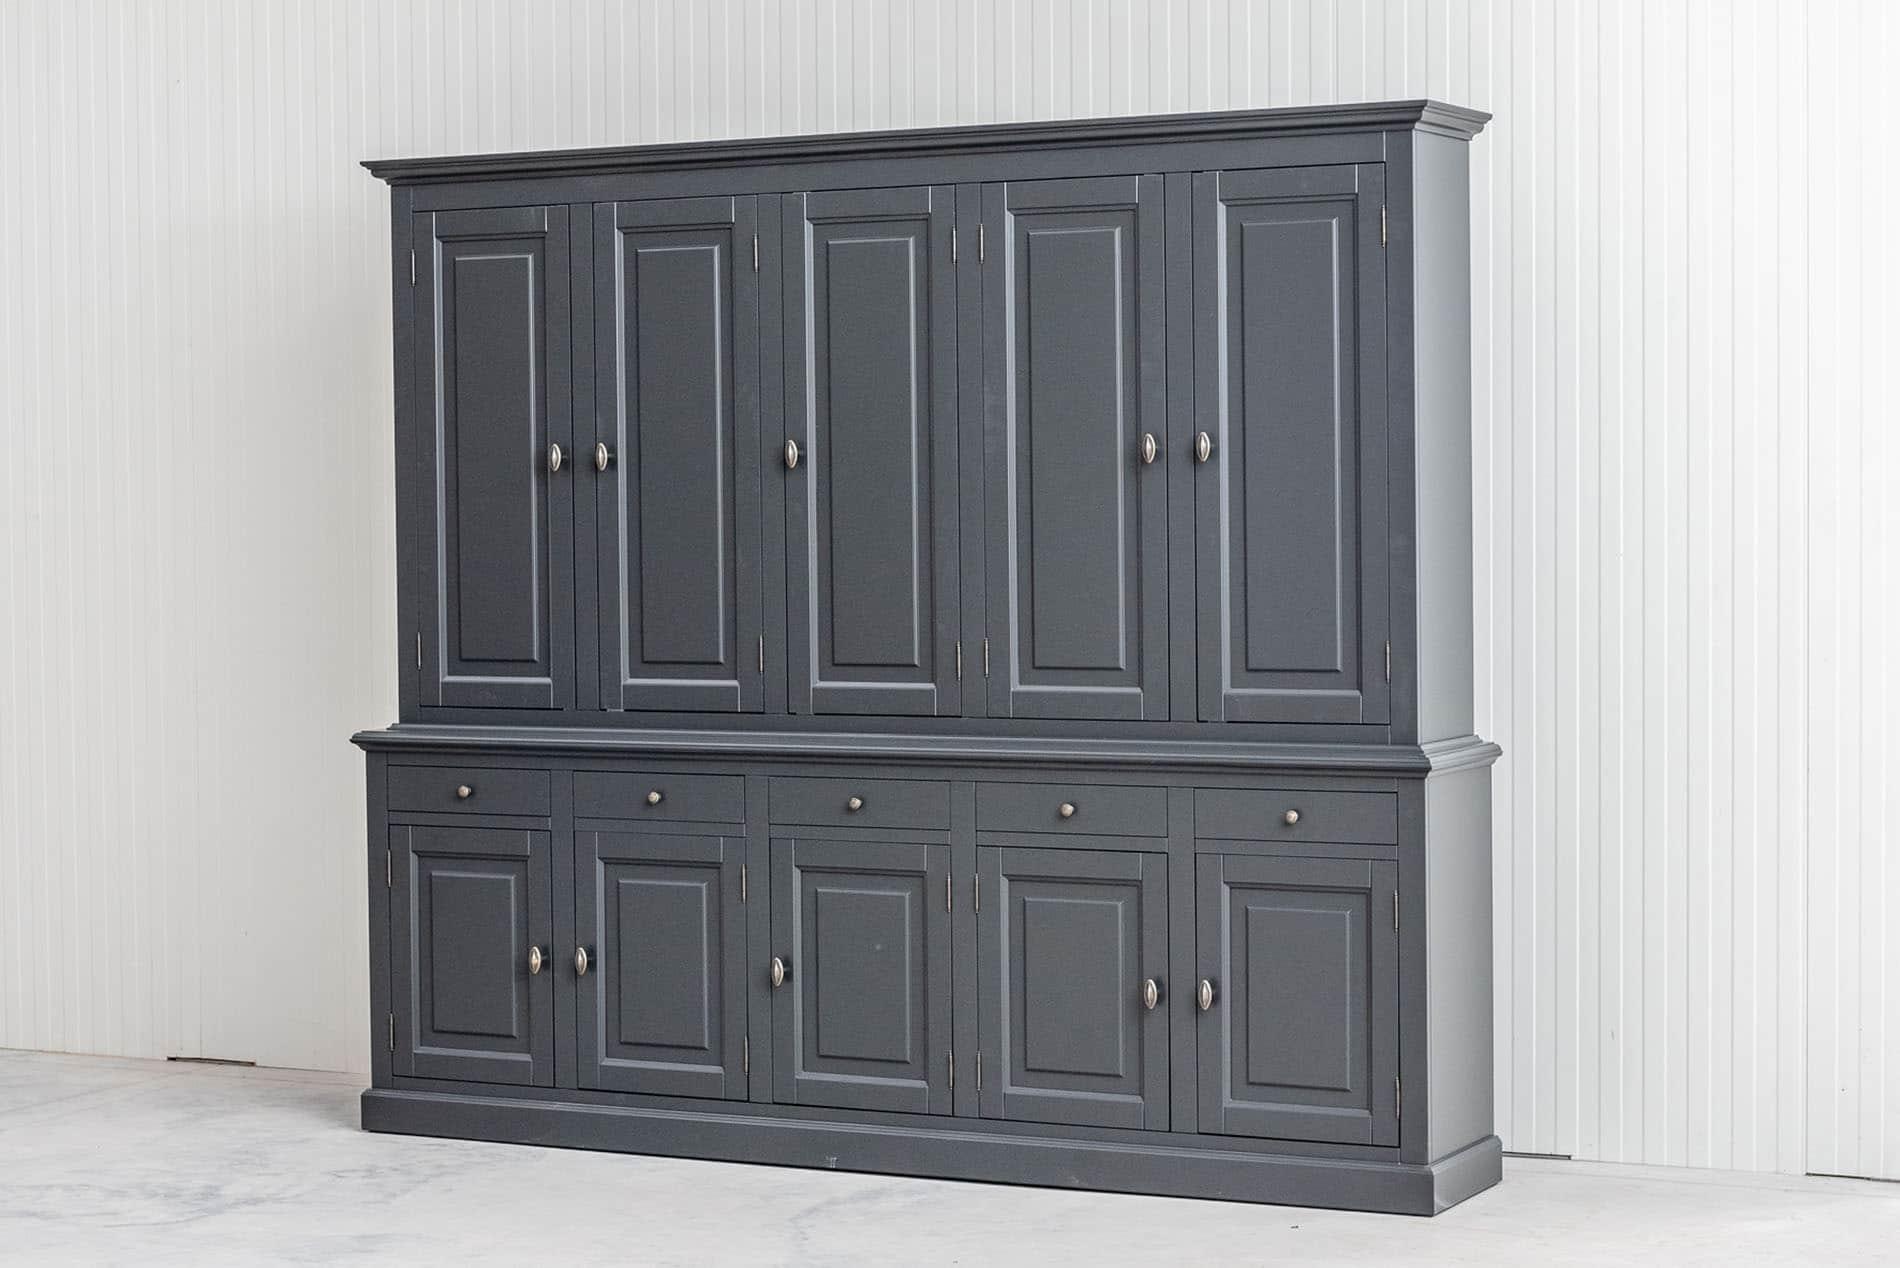 Landelijke Buffetkast BO 2×5 deuren 5-laden Kwartsgrijs